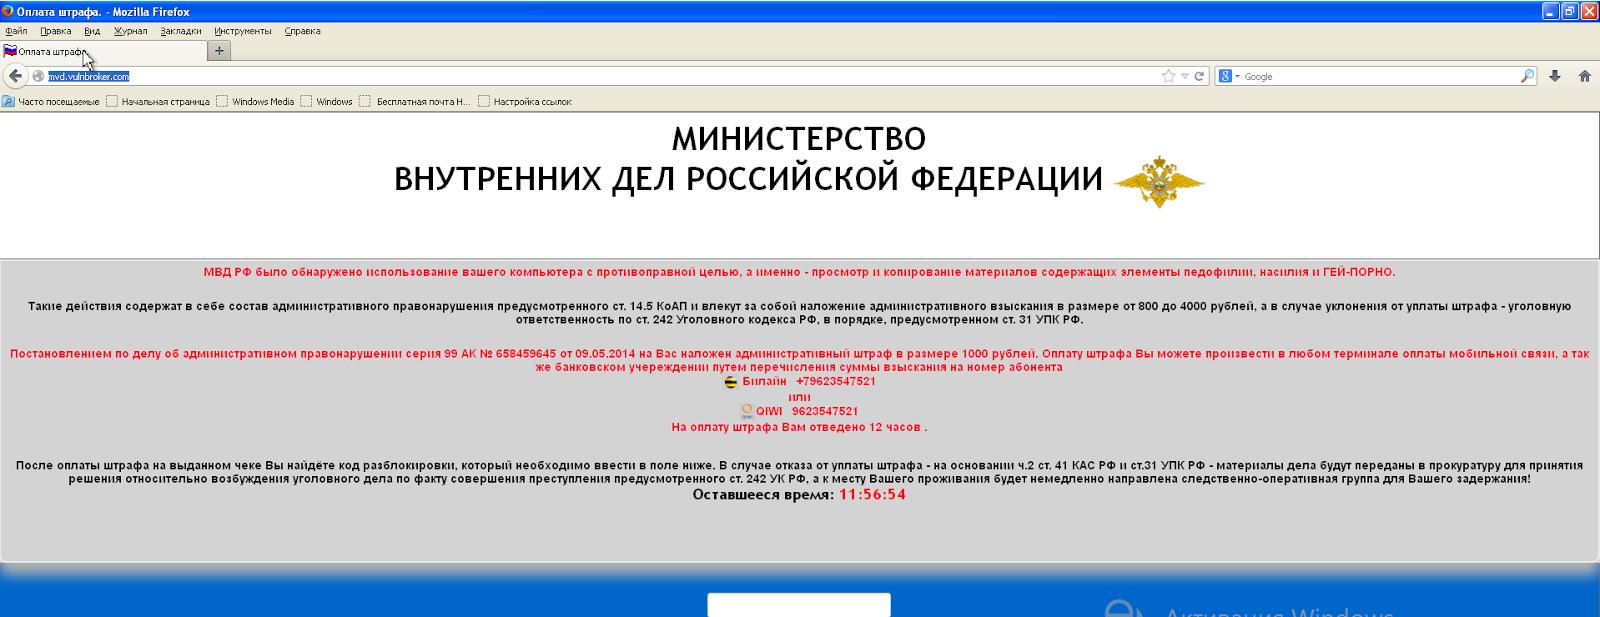 Порно сайт моего компьютера